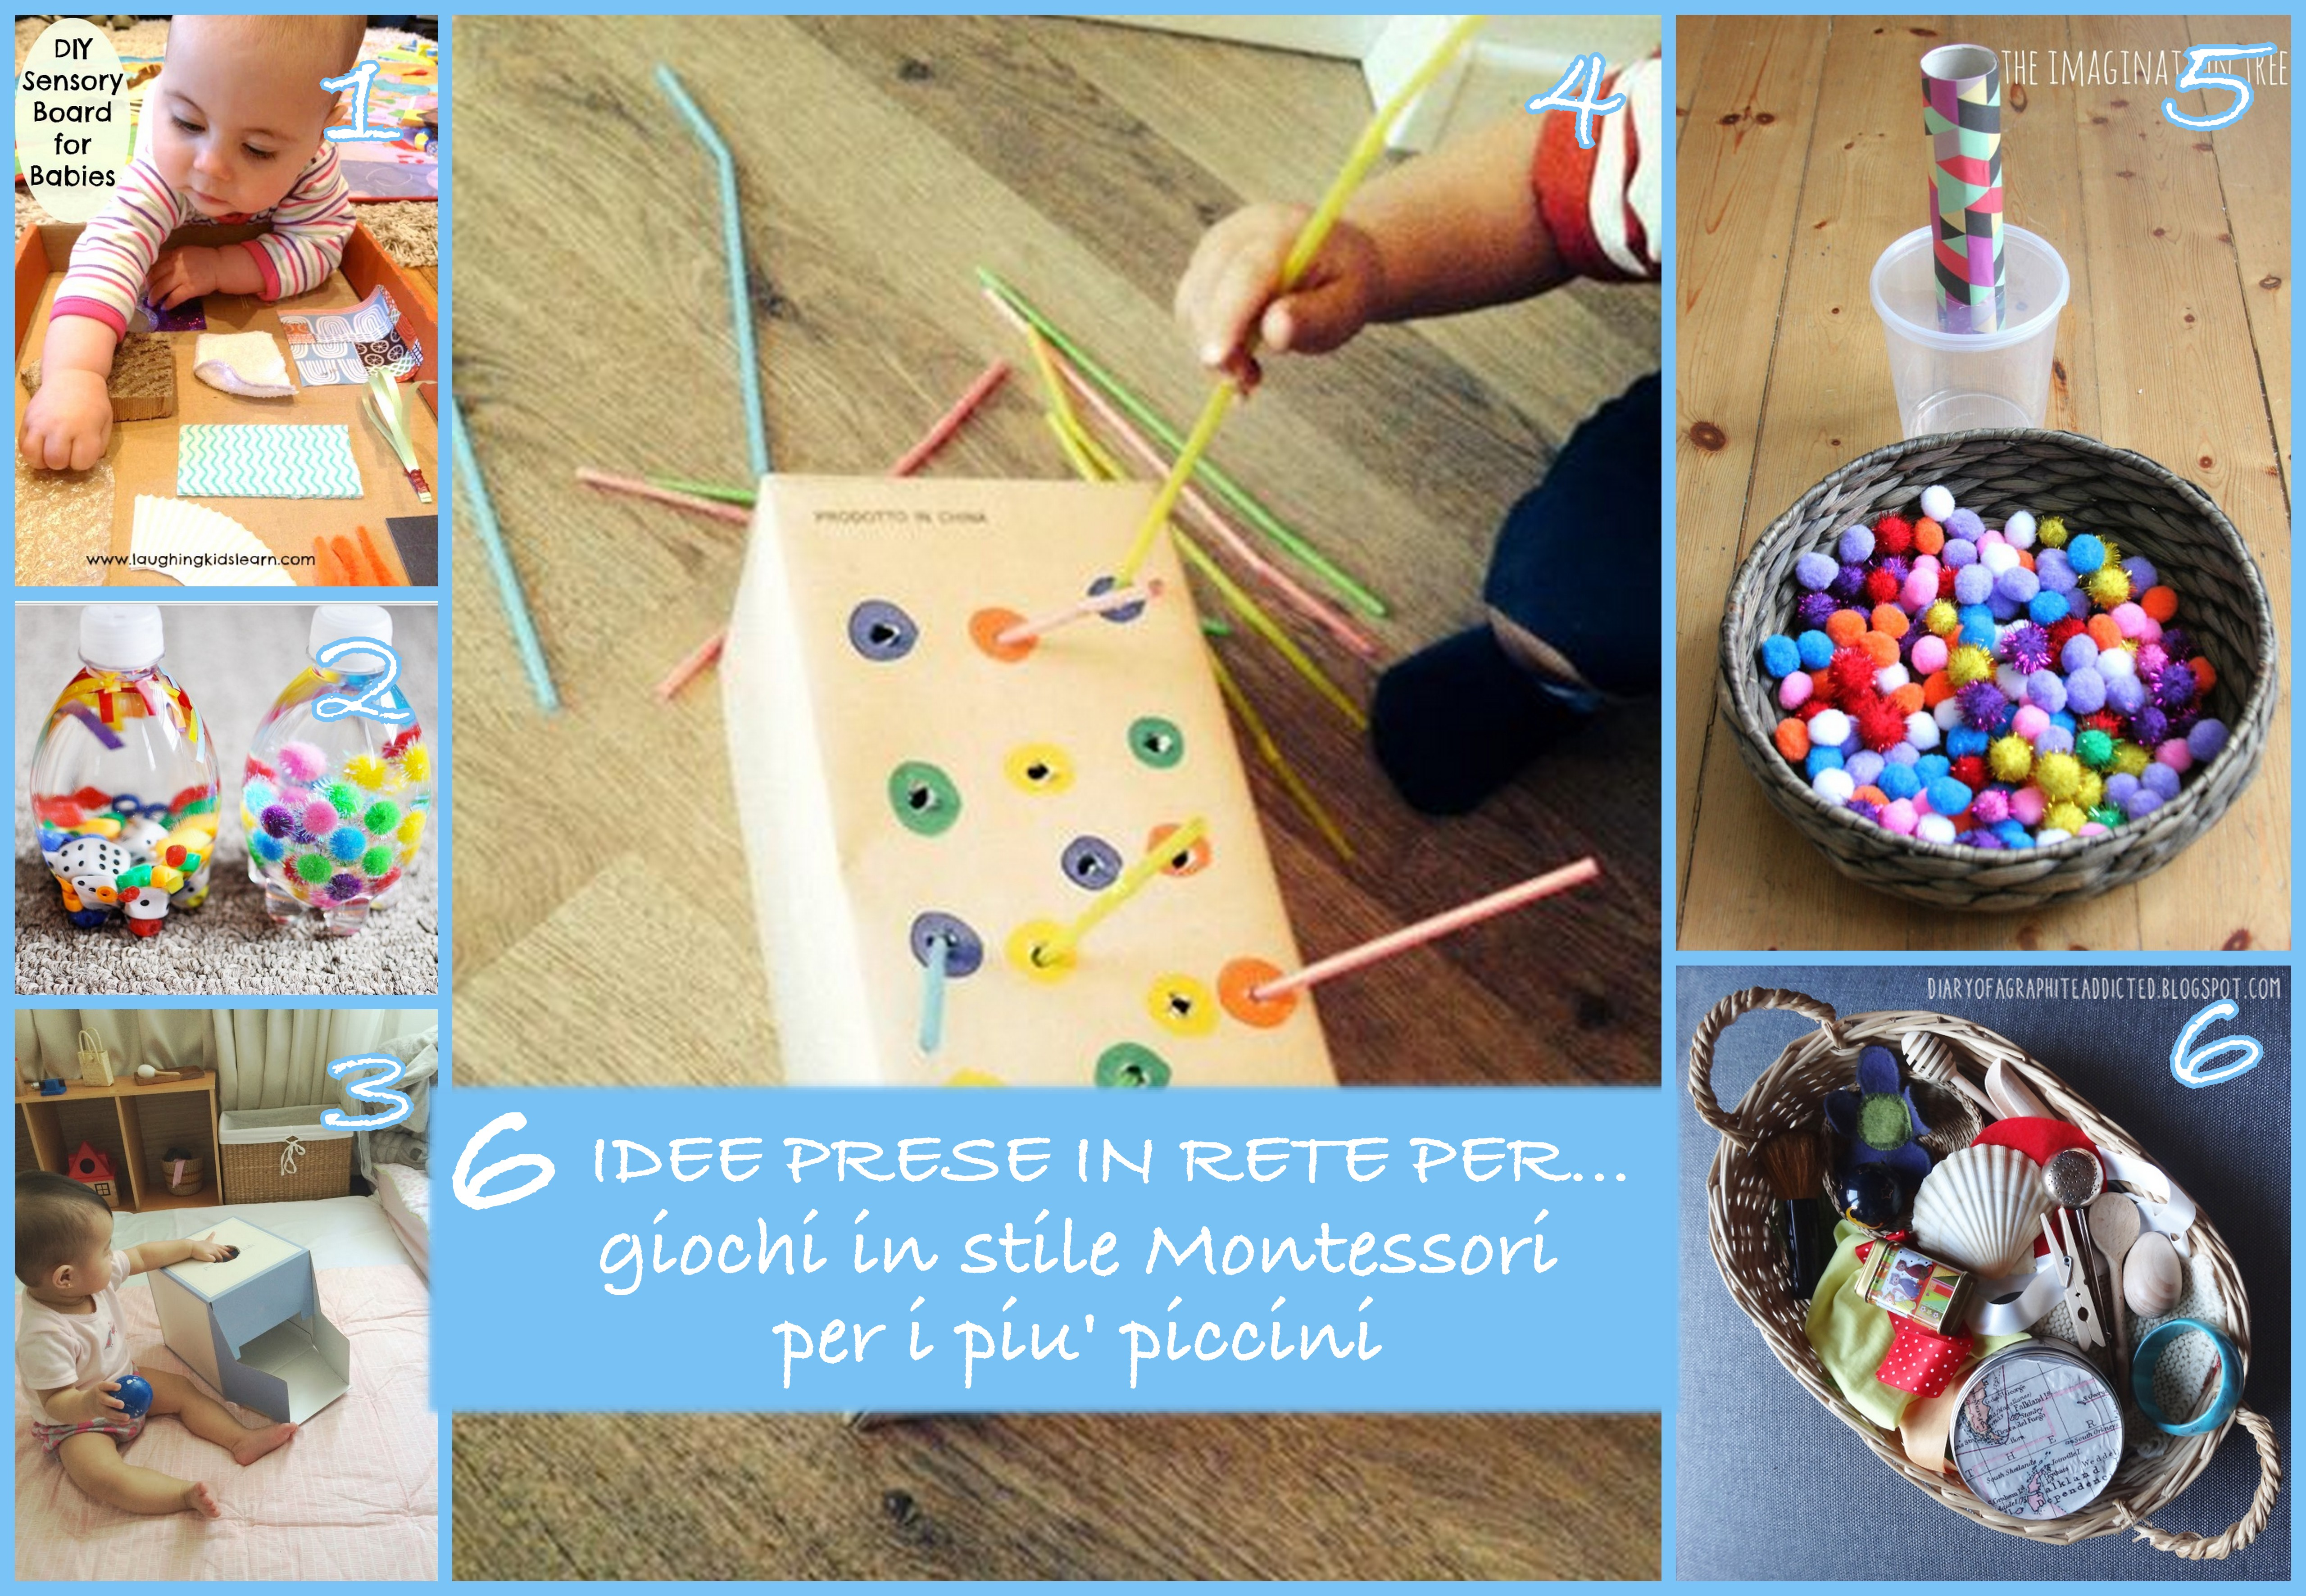 idee giochi montessori fai da te 12 24 mesi